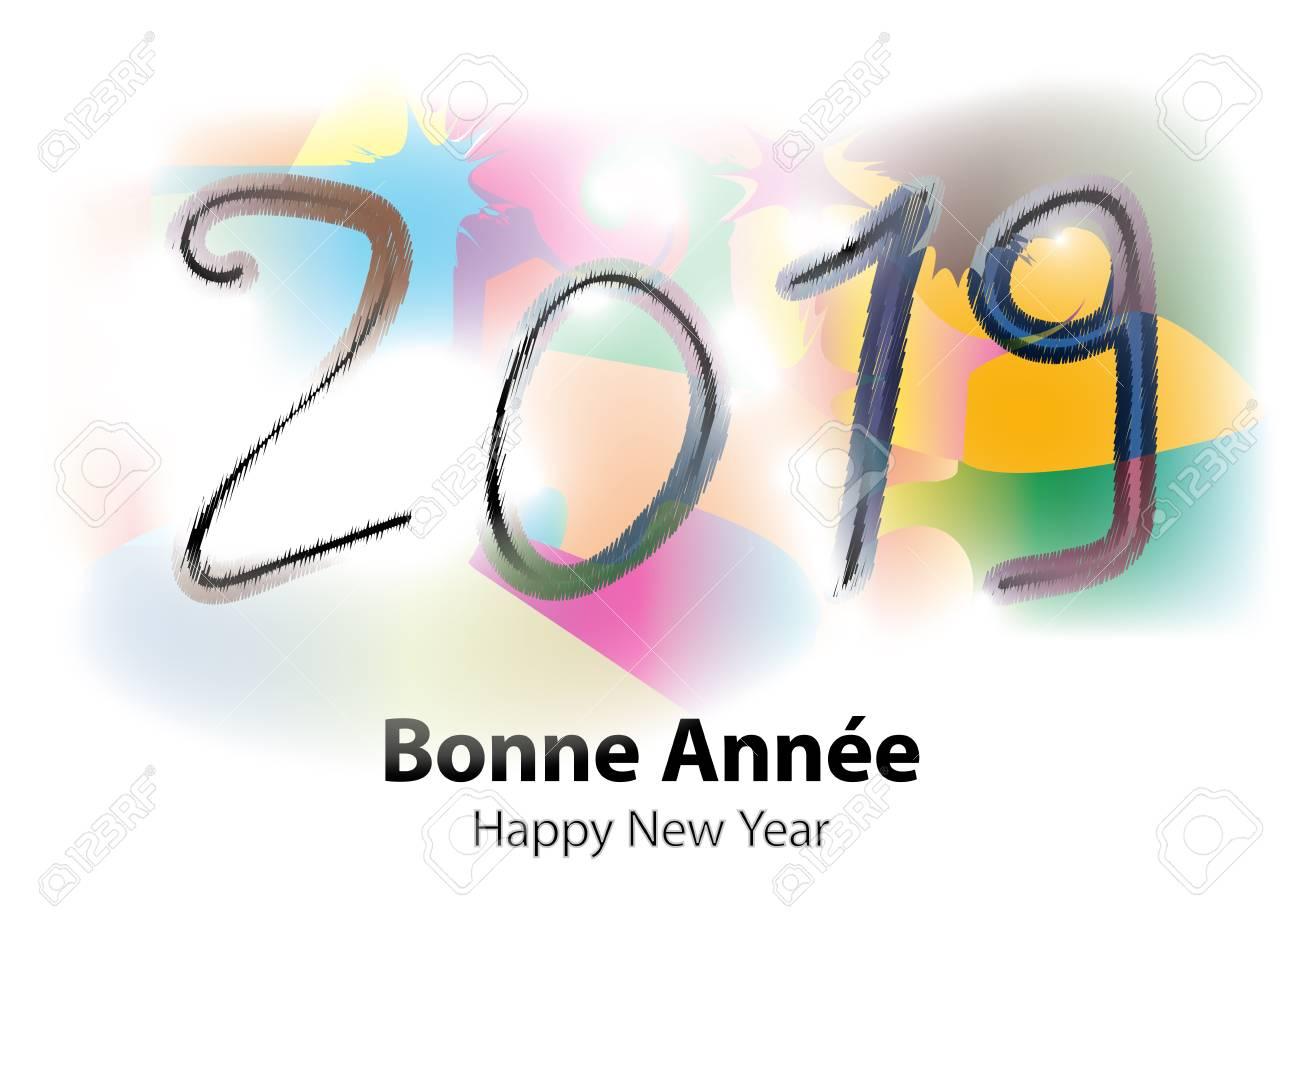 Bonne Annee 2019 Pole Scolaire Le Gue Ige